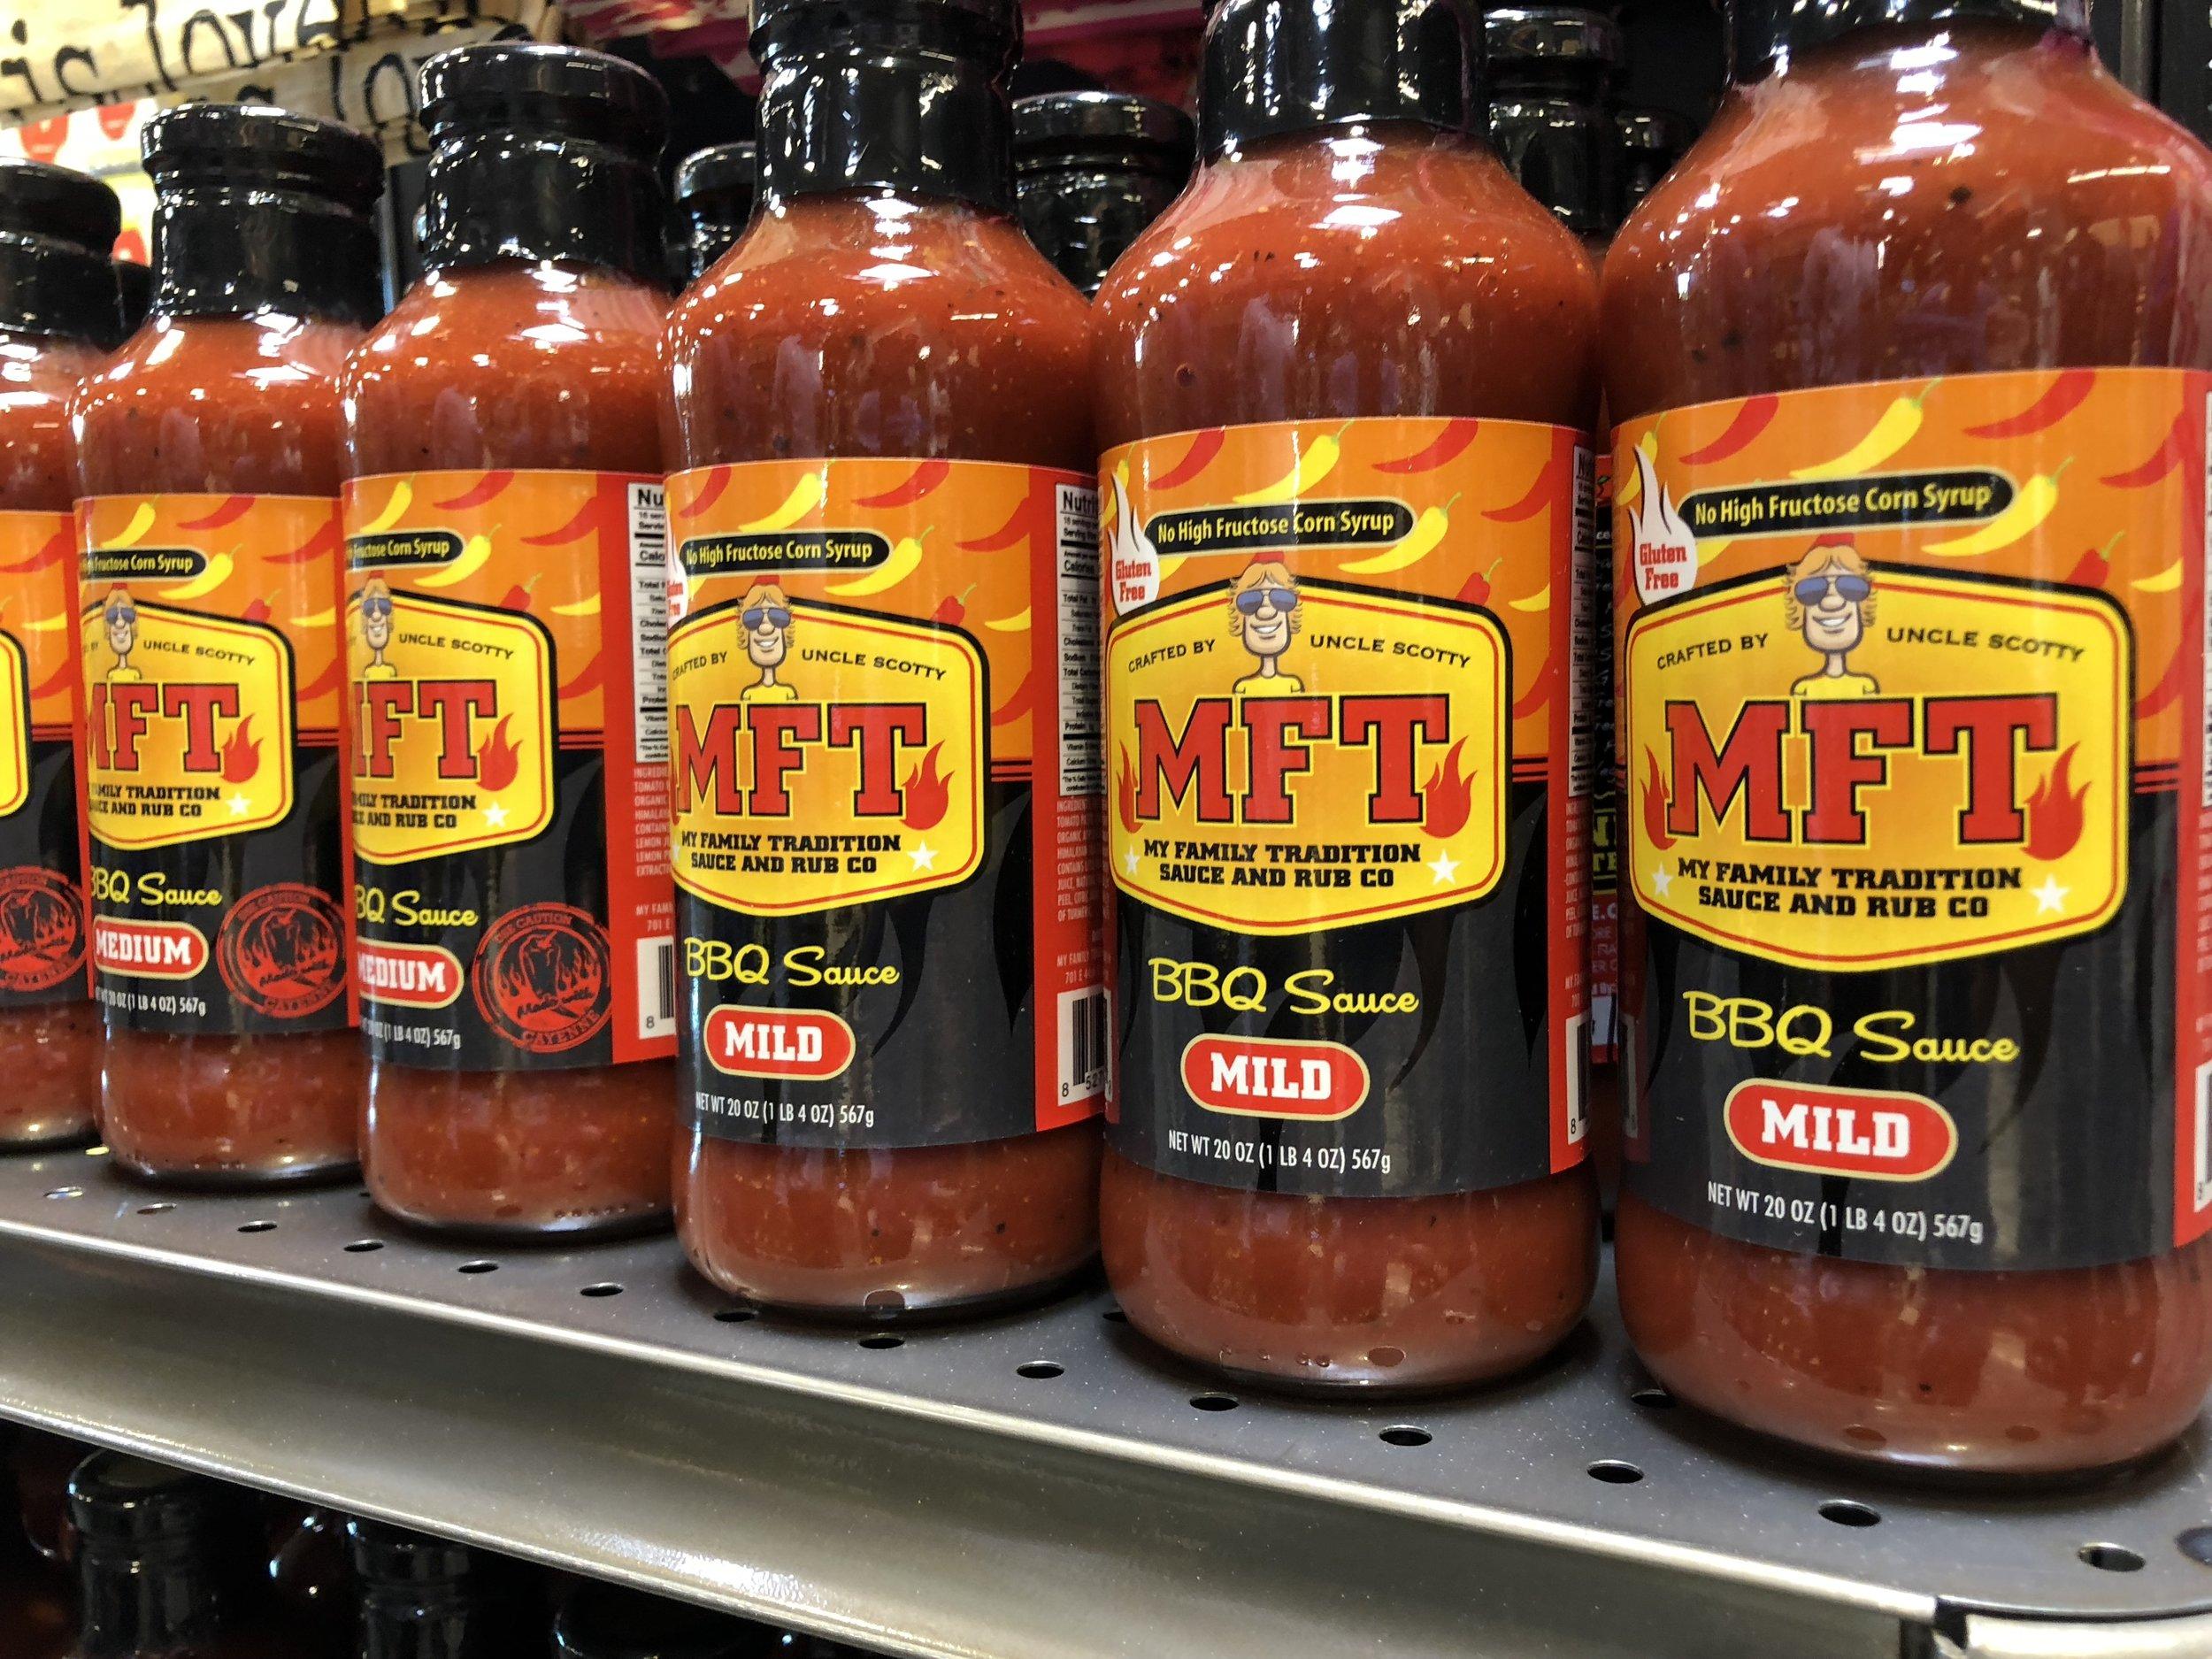 MFT sauces on sale - an Idaho product